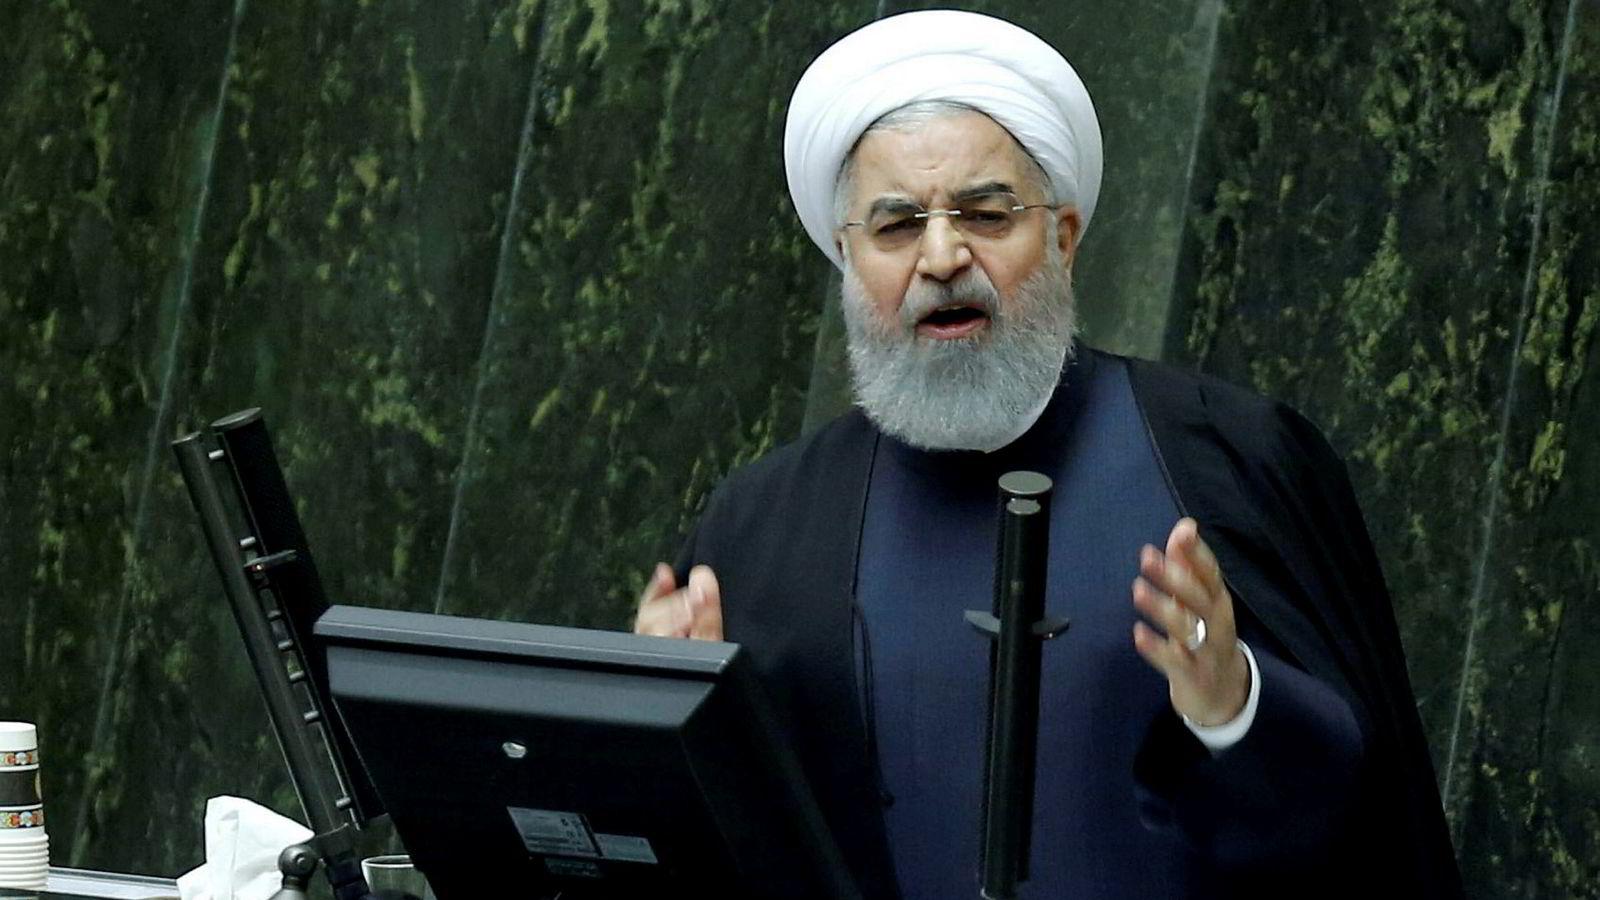 Broren til Irans president Hassan Rouhani er dømt til fem års fengsel for korrupsjon. Bildet viser den iranske presidenten.